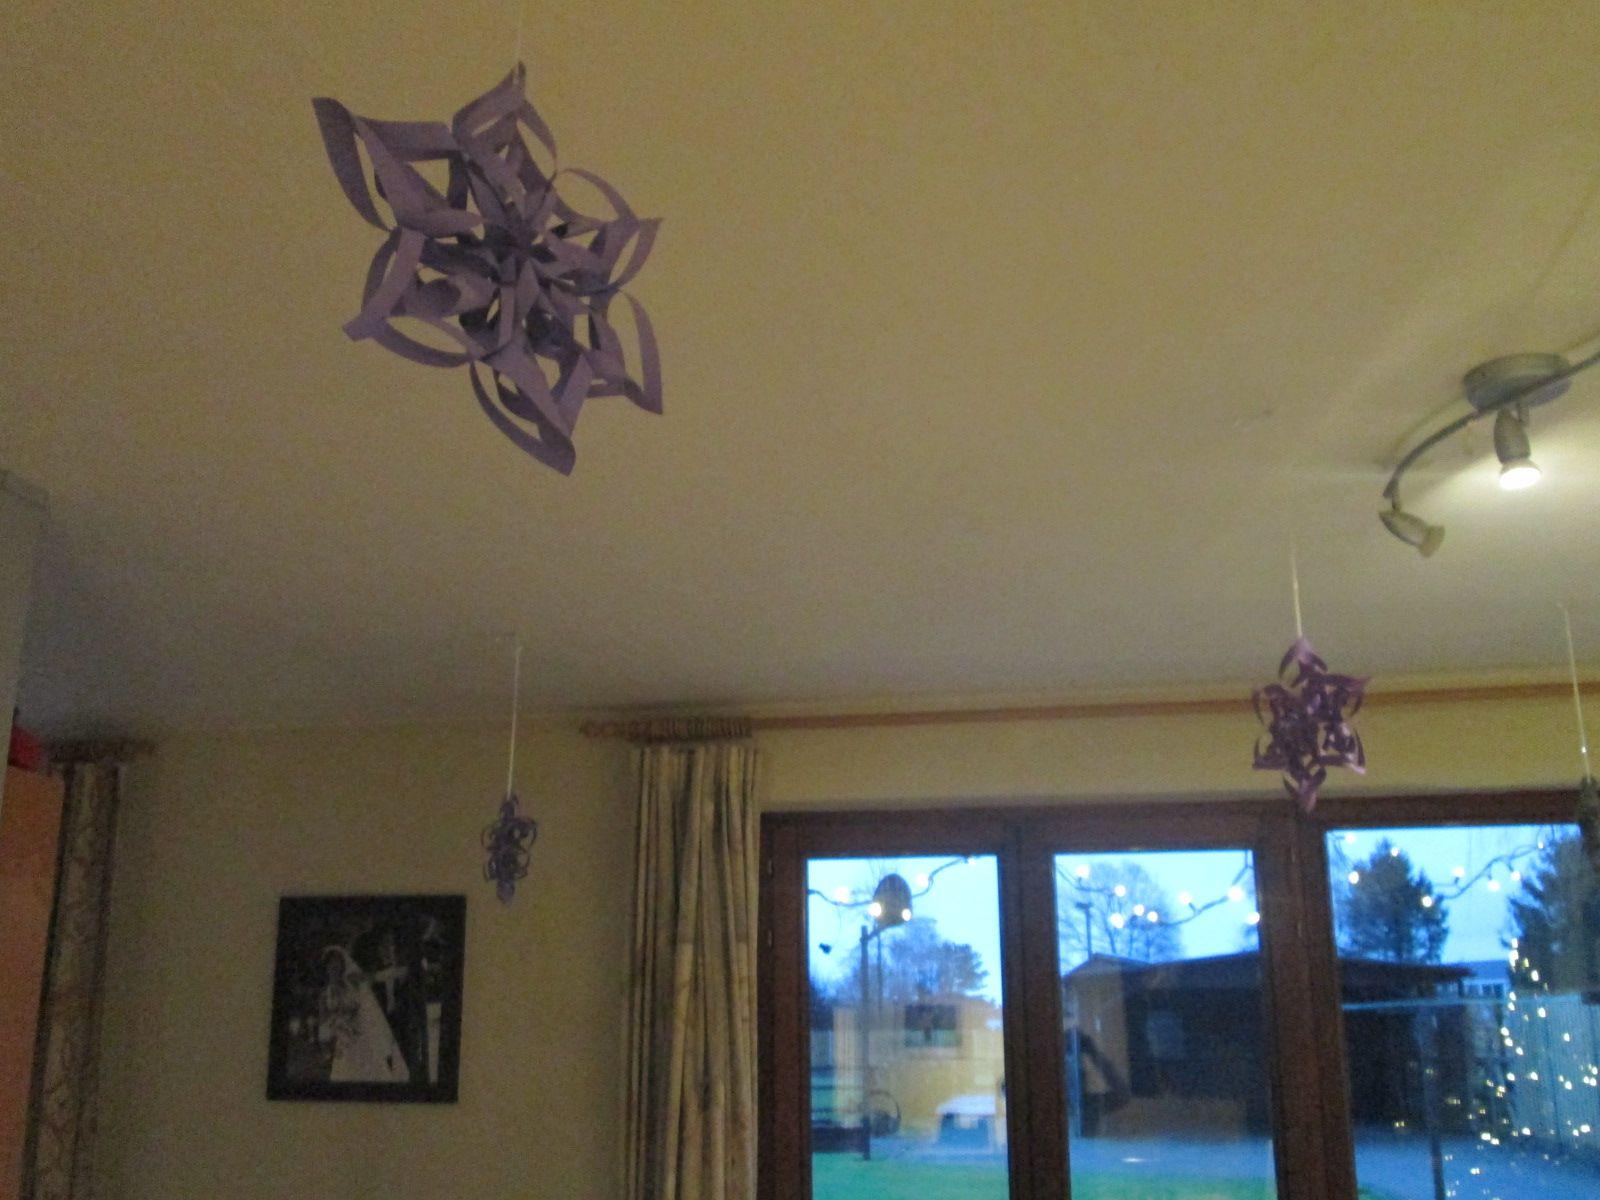 verspreide kerstversiering over heel de woonkamer | gemaakt | Pinterest